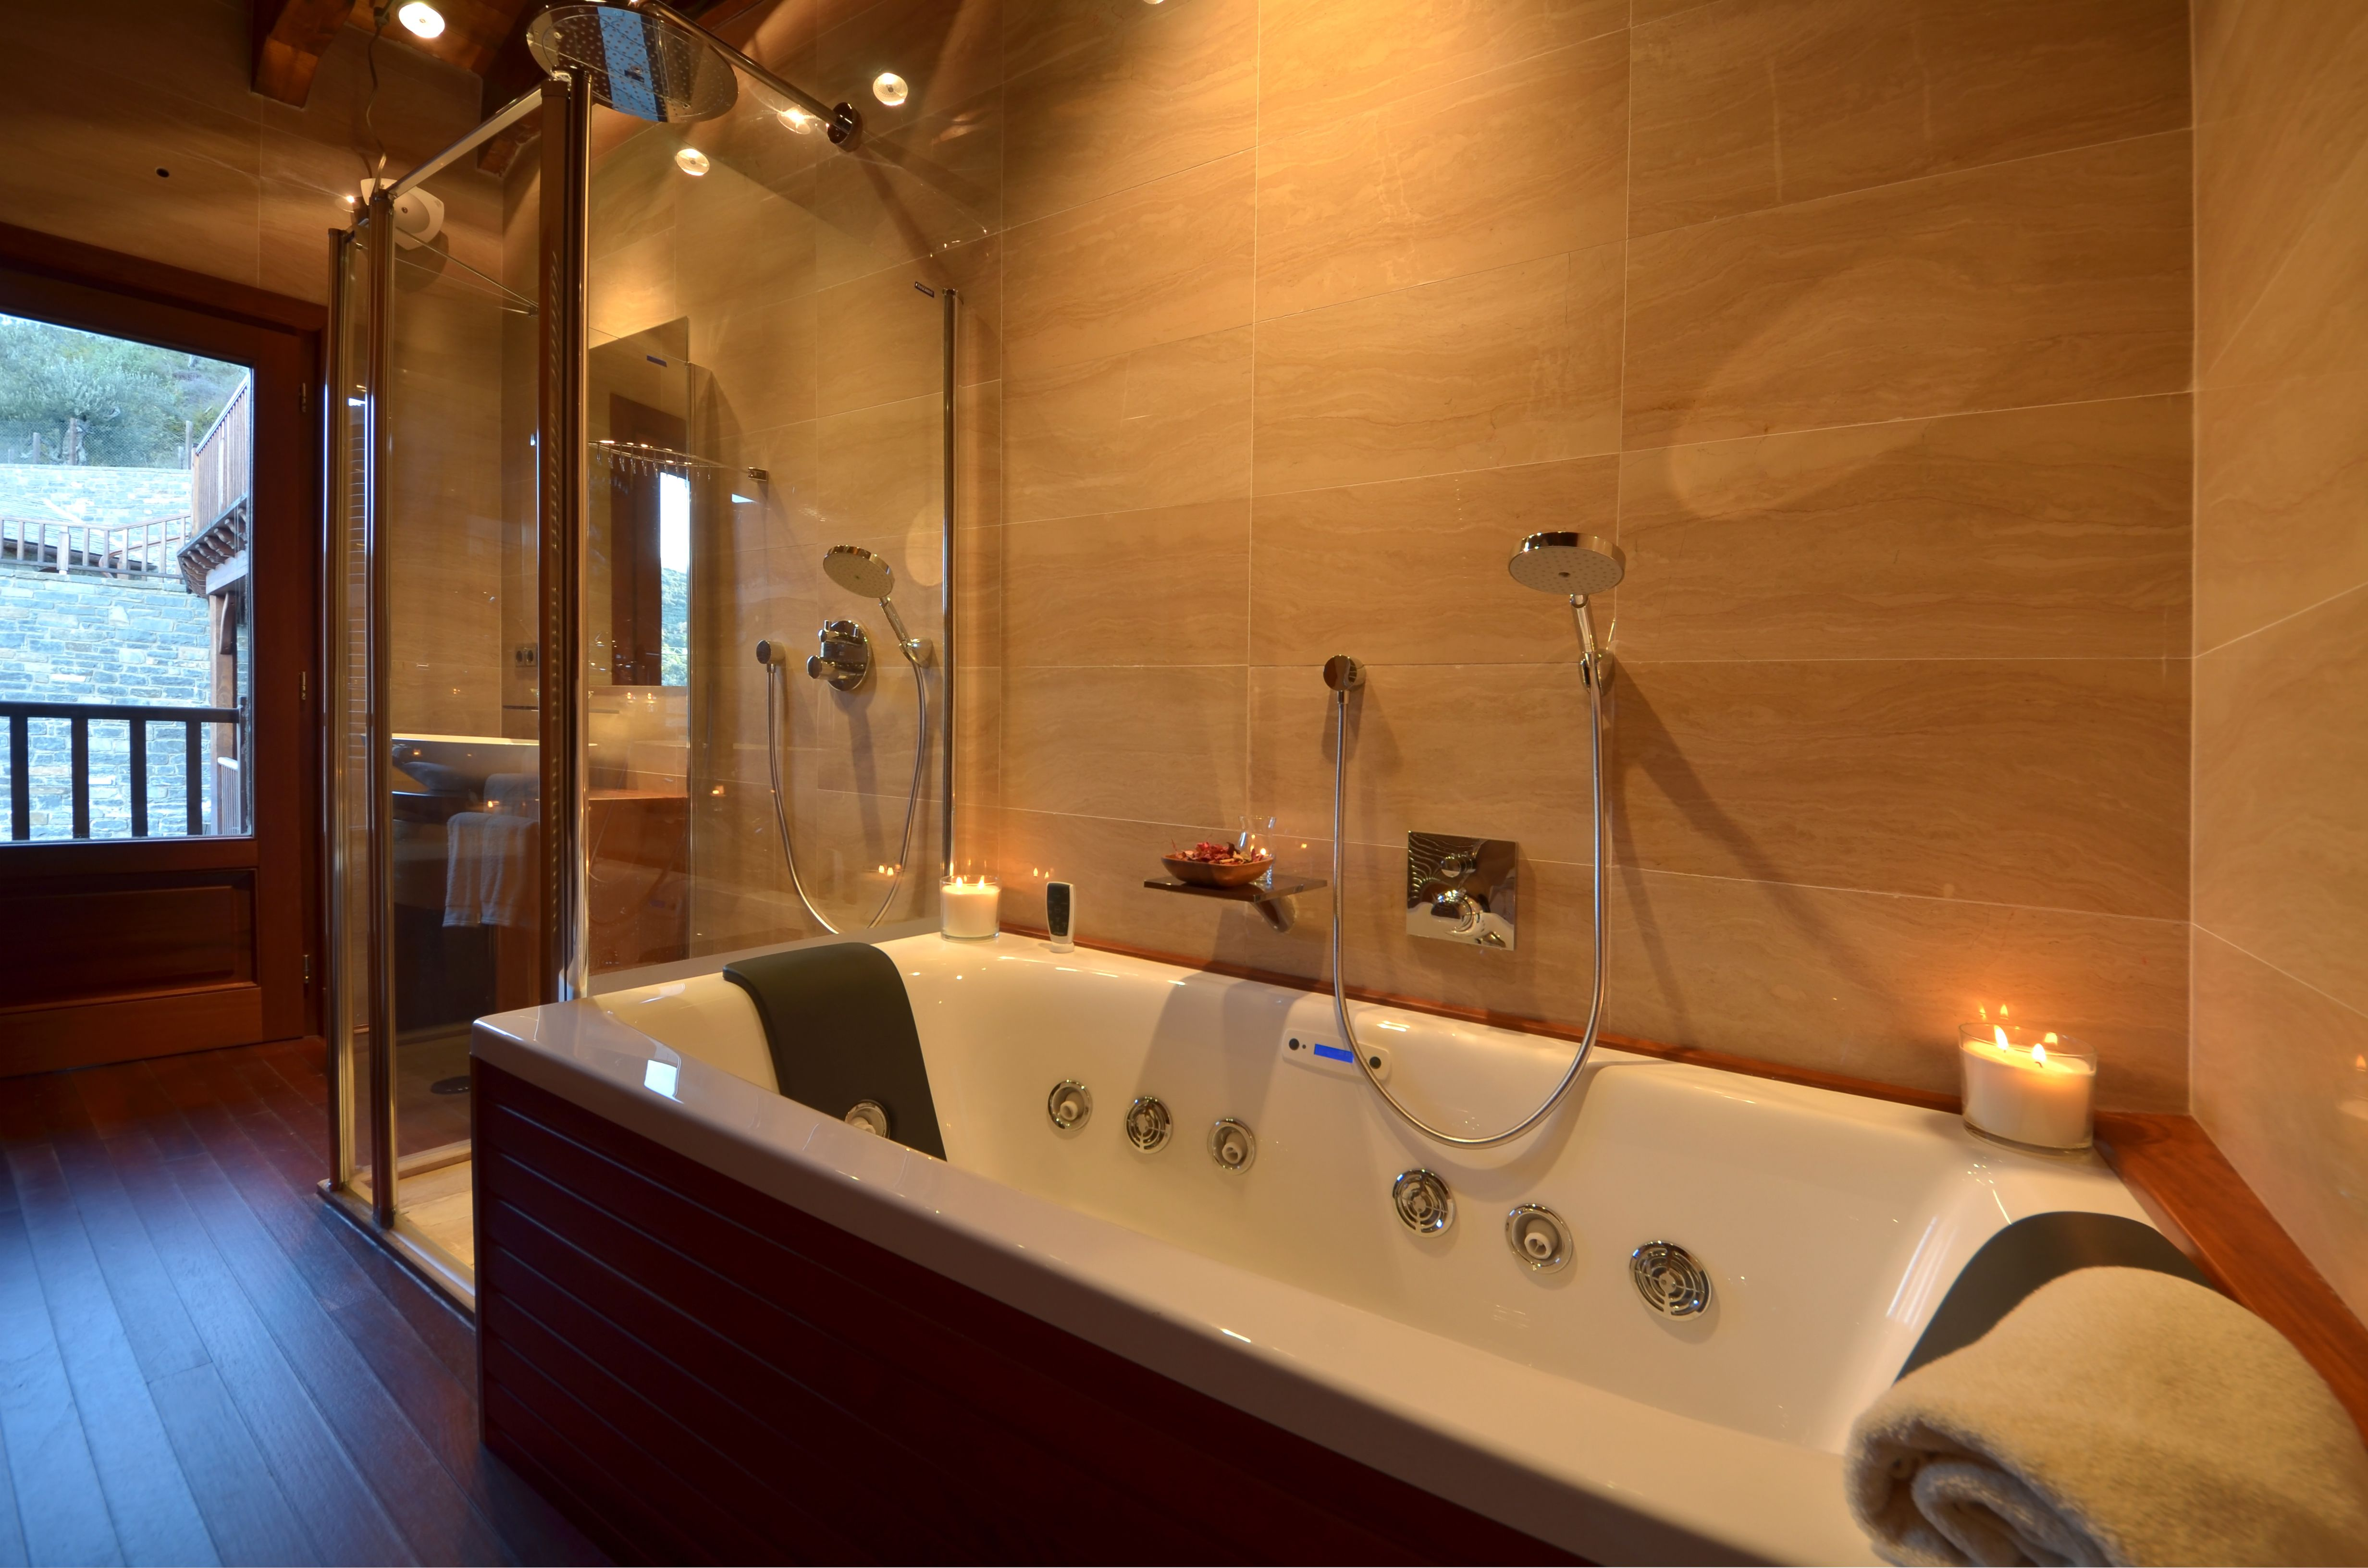 Cuarto de Baño completo: Con ducha - Bañera hidromasaje - Aseo ...